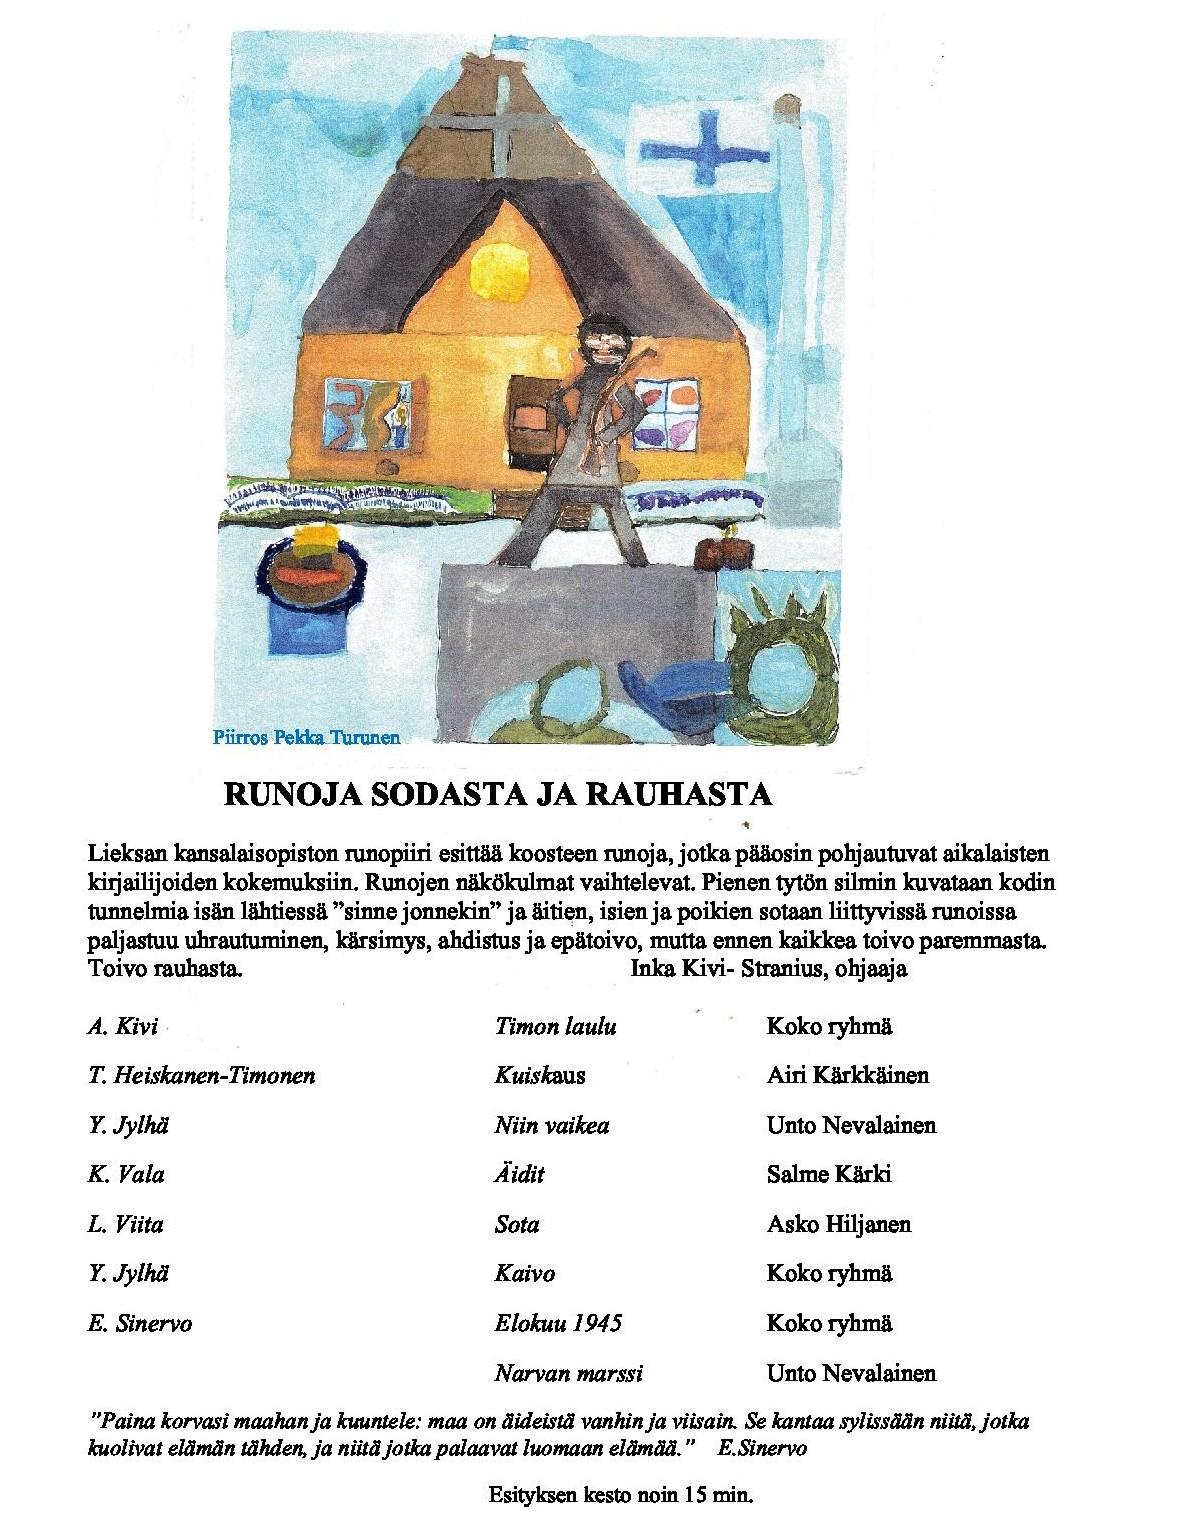 Lieksan Runopiirin esitykset täydentävät Kansalaisjuhlan ohjelmia lauantaina ja sunnuntaina. Piirros on lieksalaisen Pekka Turusen.